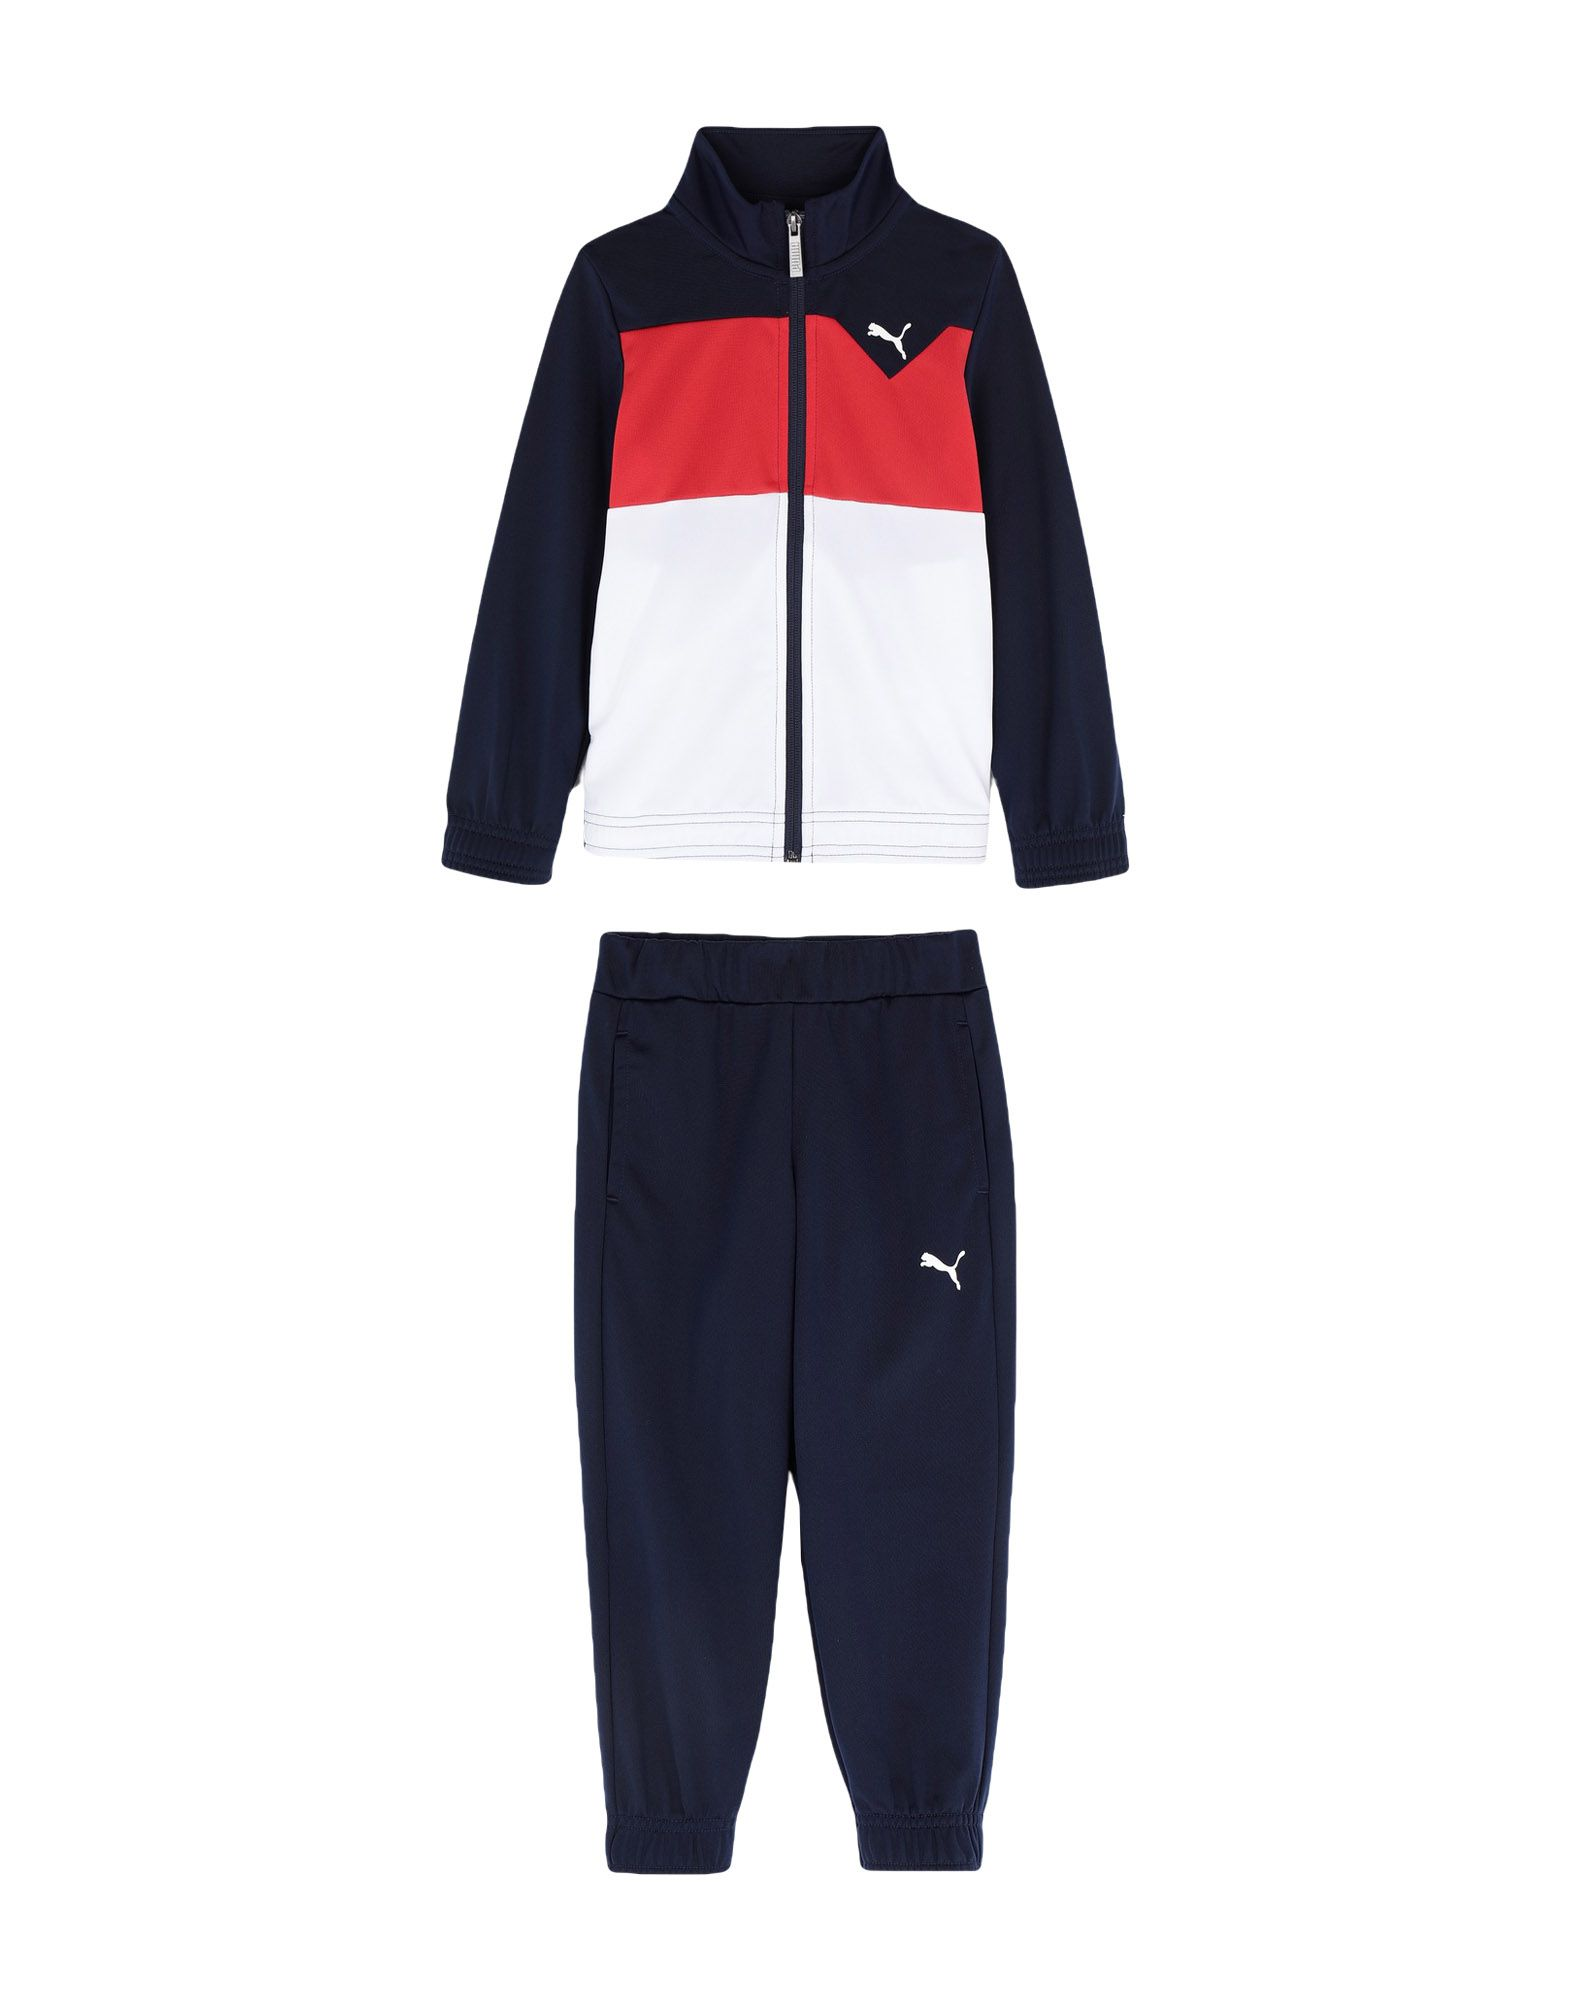 Tuta Sportiva Nike Bambino 3 8 anni Acquista online su YOOX